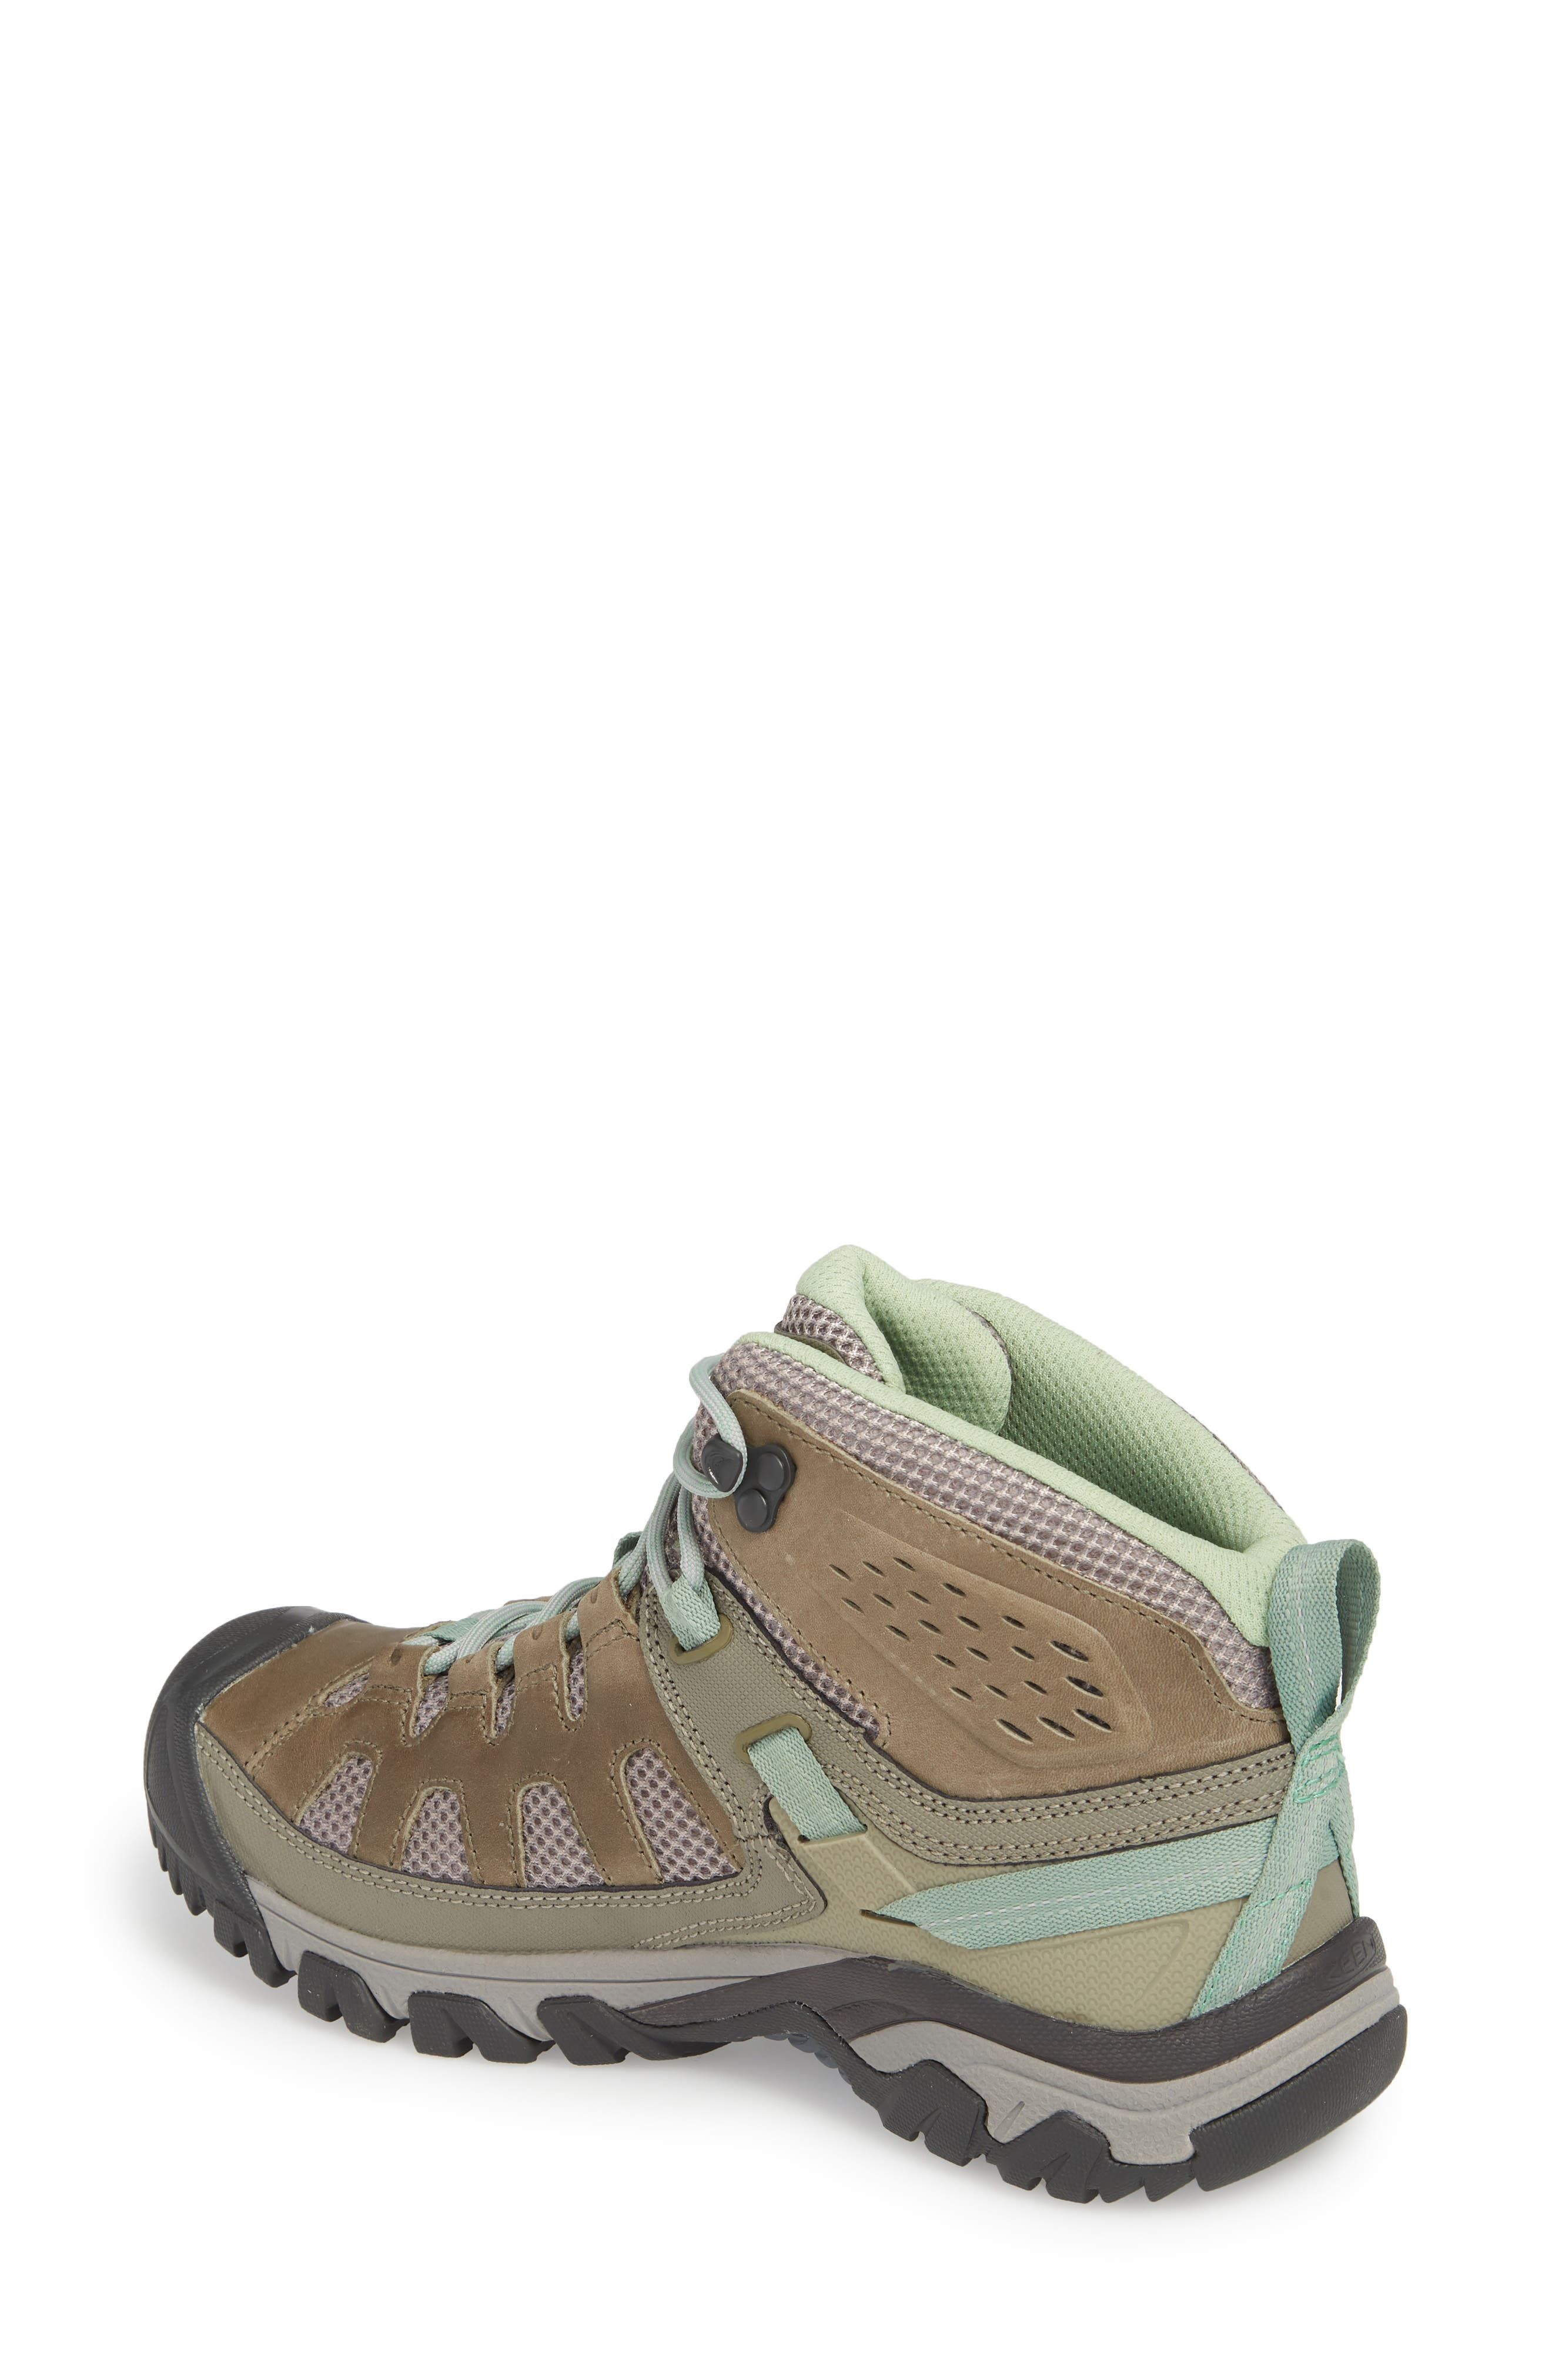 Targhee Vent Mid Hiking Shoe,                             Alternate thumbnail 2, color,                             200